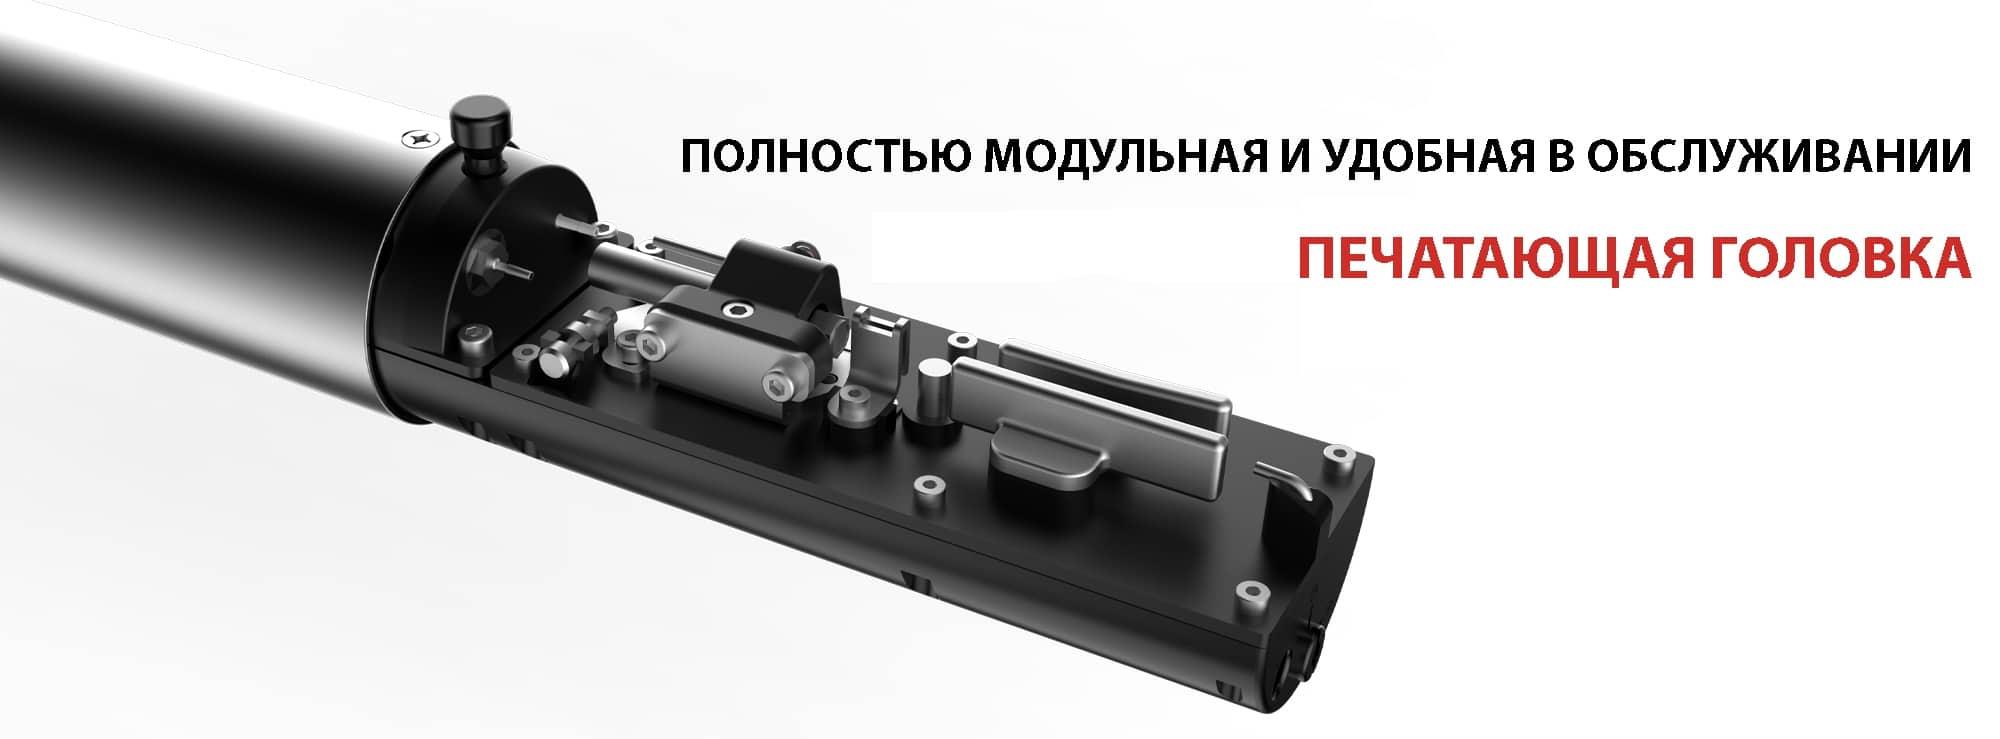 Печатающая головка маркиратора Fastjet f550